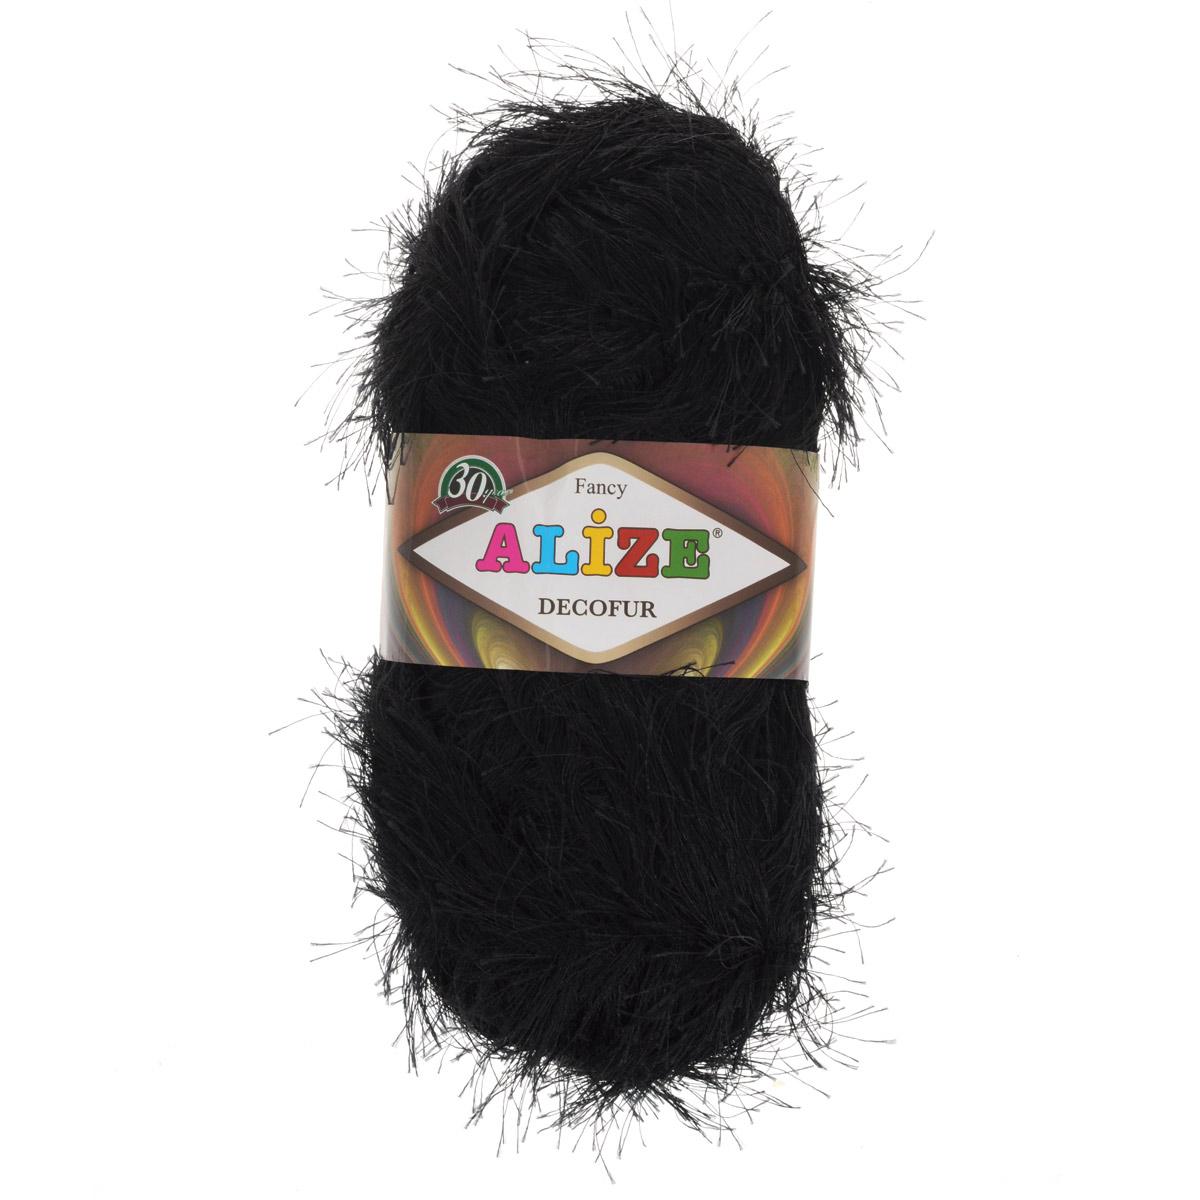 Пряжа для вязания Alize Decofur, цвет: черный (60), 110 м, 100 г, 5 шт364128_60Пряжа для вязания Alize Decofur изготовлена из полиэстера. Пряжа-травка предназначена для ручного вязания и идеально подходит для отделки. Готовый ворс получается равным 4 см. Рекомендованные спицы для вязания 6-8 мм. Рекомендованный крючок для вязания 3-4 мм. Комплектация: 5 мотков. Состав: 100% полиэстер.